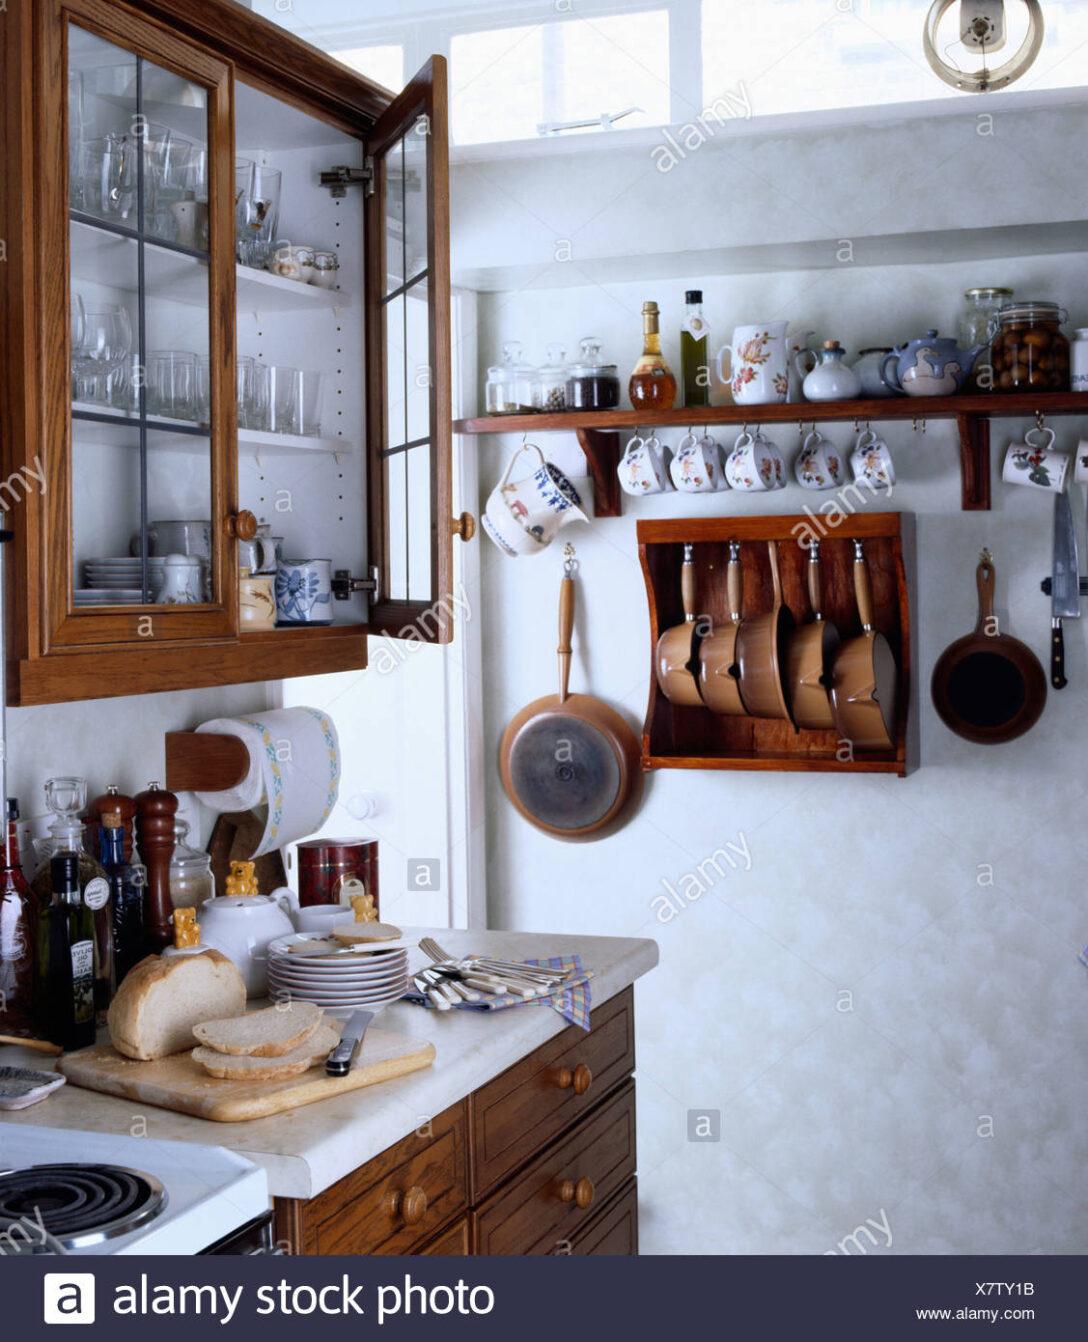 Large Size of Regal Küche Arbeitsplatte Verglasten Schrank Ber Brot Auf In Kleinen Weien Schreibtisch Mit Eckunterschrank Winkel Waschbecken Theke Gardinen Schräge Wohnzimmer Regal Küche Arbeitsplatte